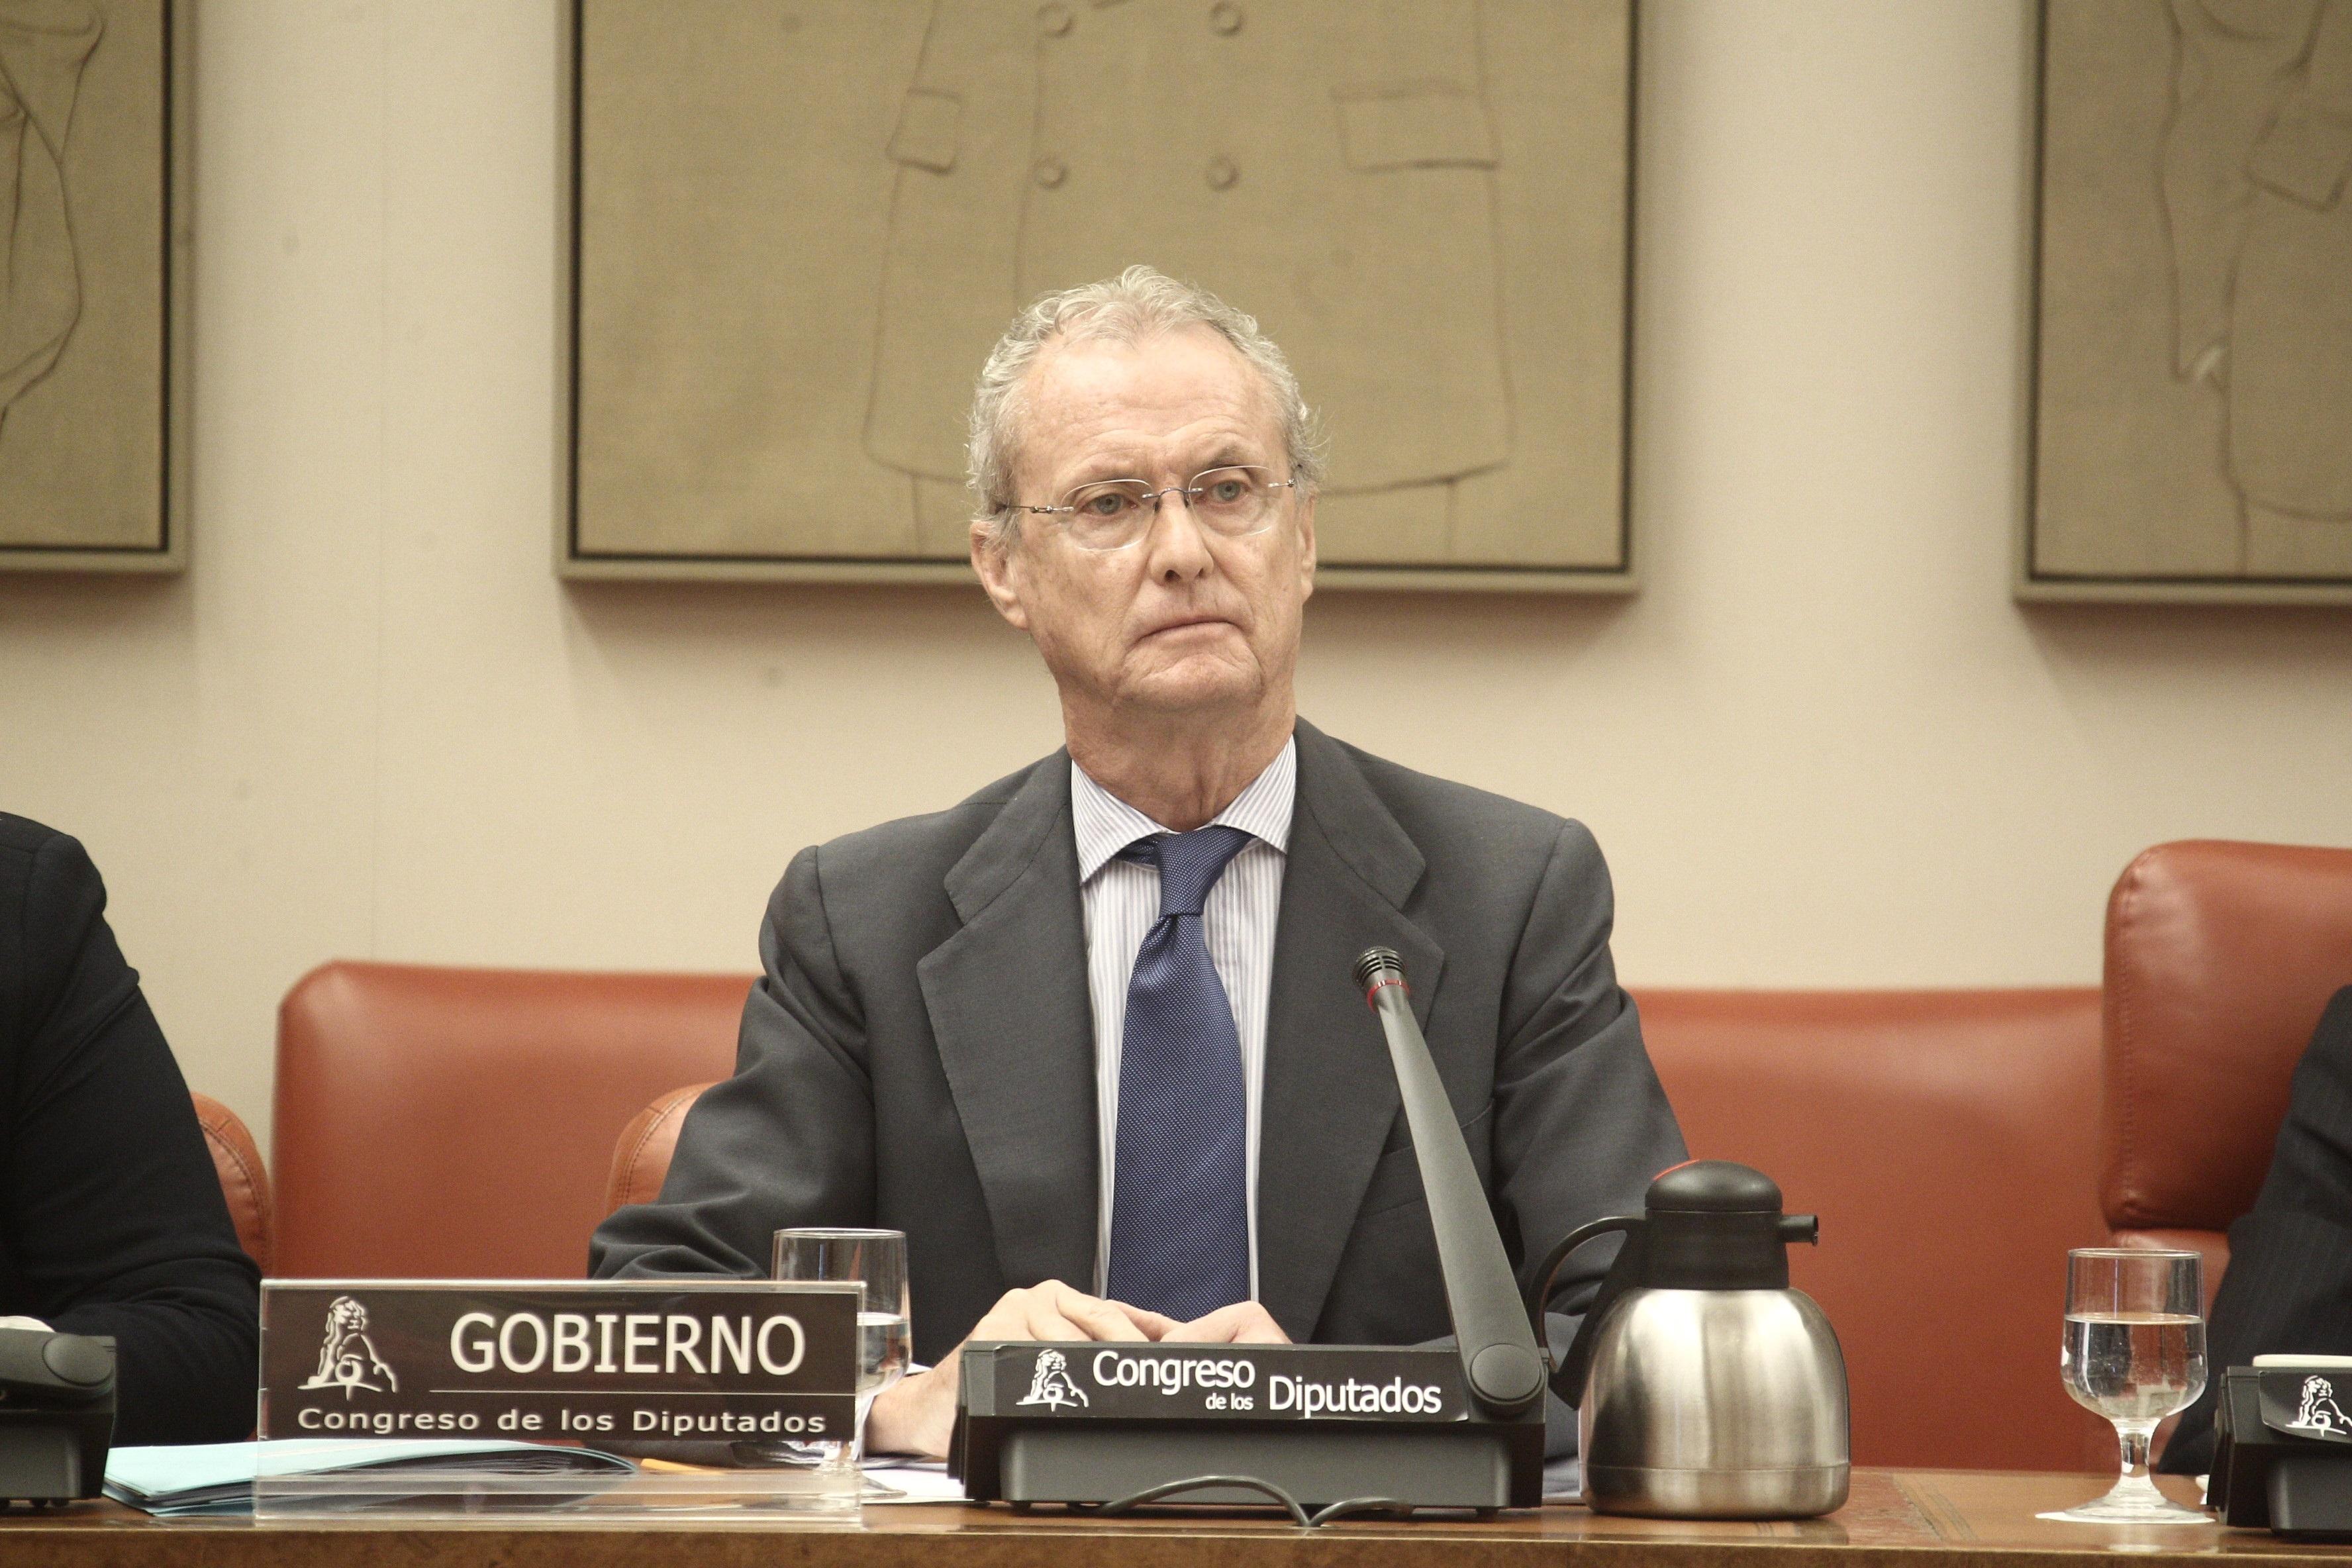 Morenés: El espionaje de EEUU a países e instituciones de la UE no ha afectado a España